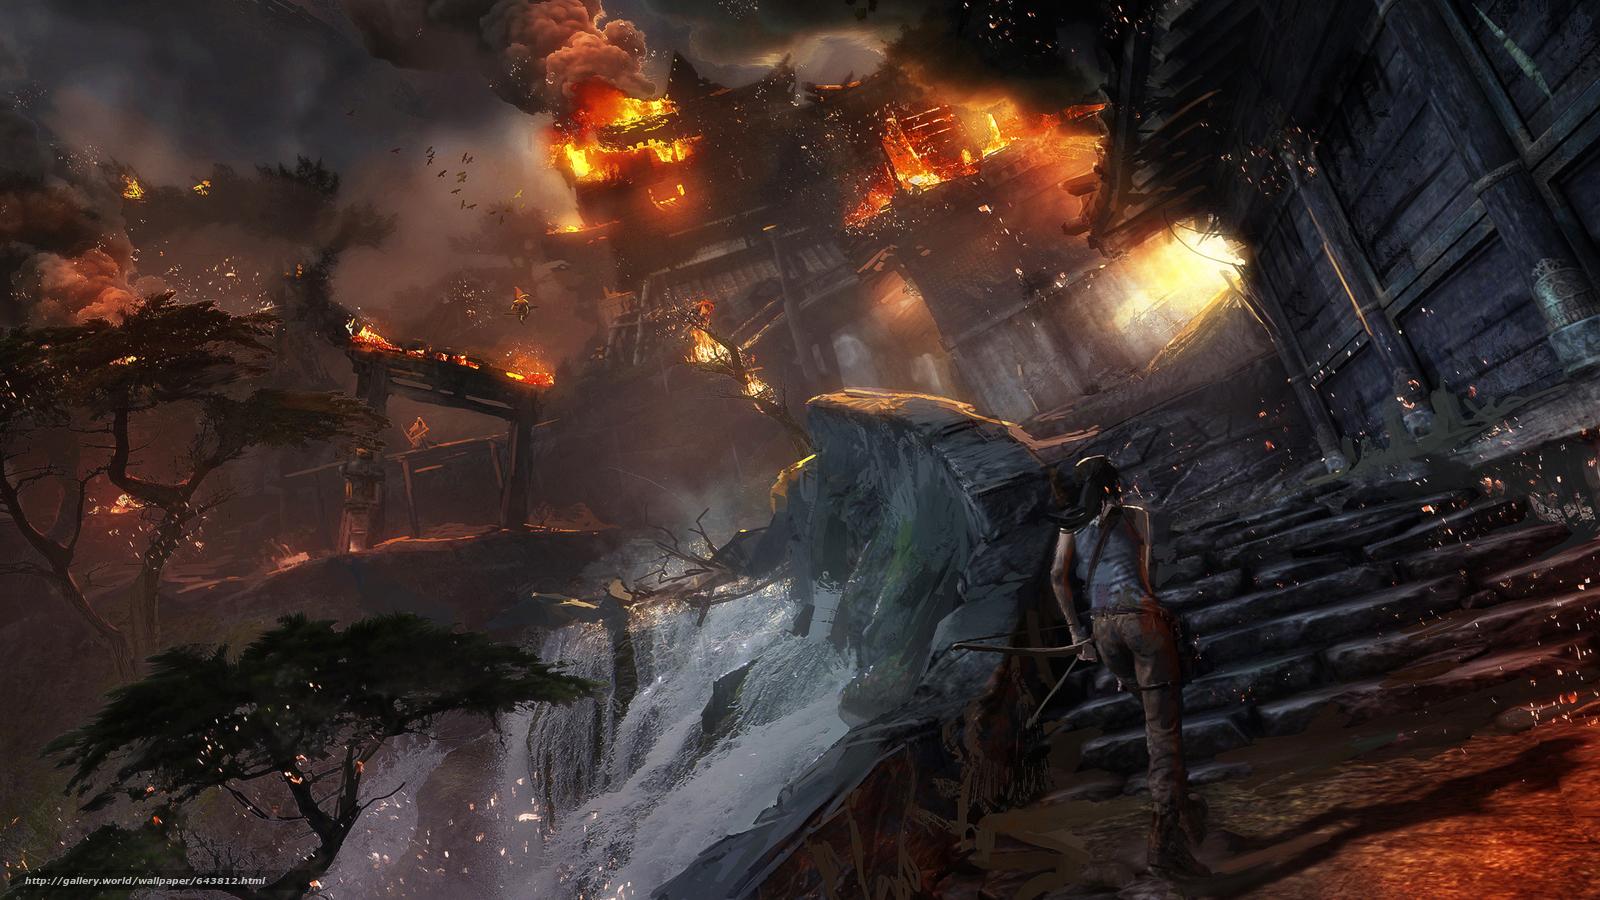 pobra tapety Tomb Raider,  Lara Croft,  Azja,  wieś Darmowe tapety na pulpit rozdzielczoci 2667x1500 — zdjcie №643812